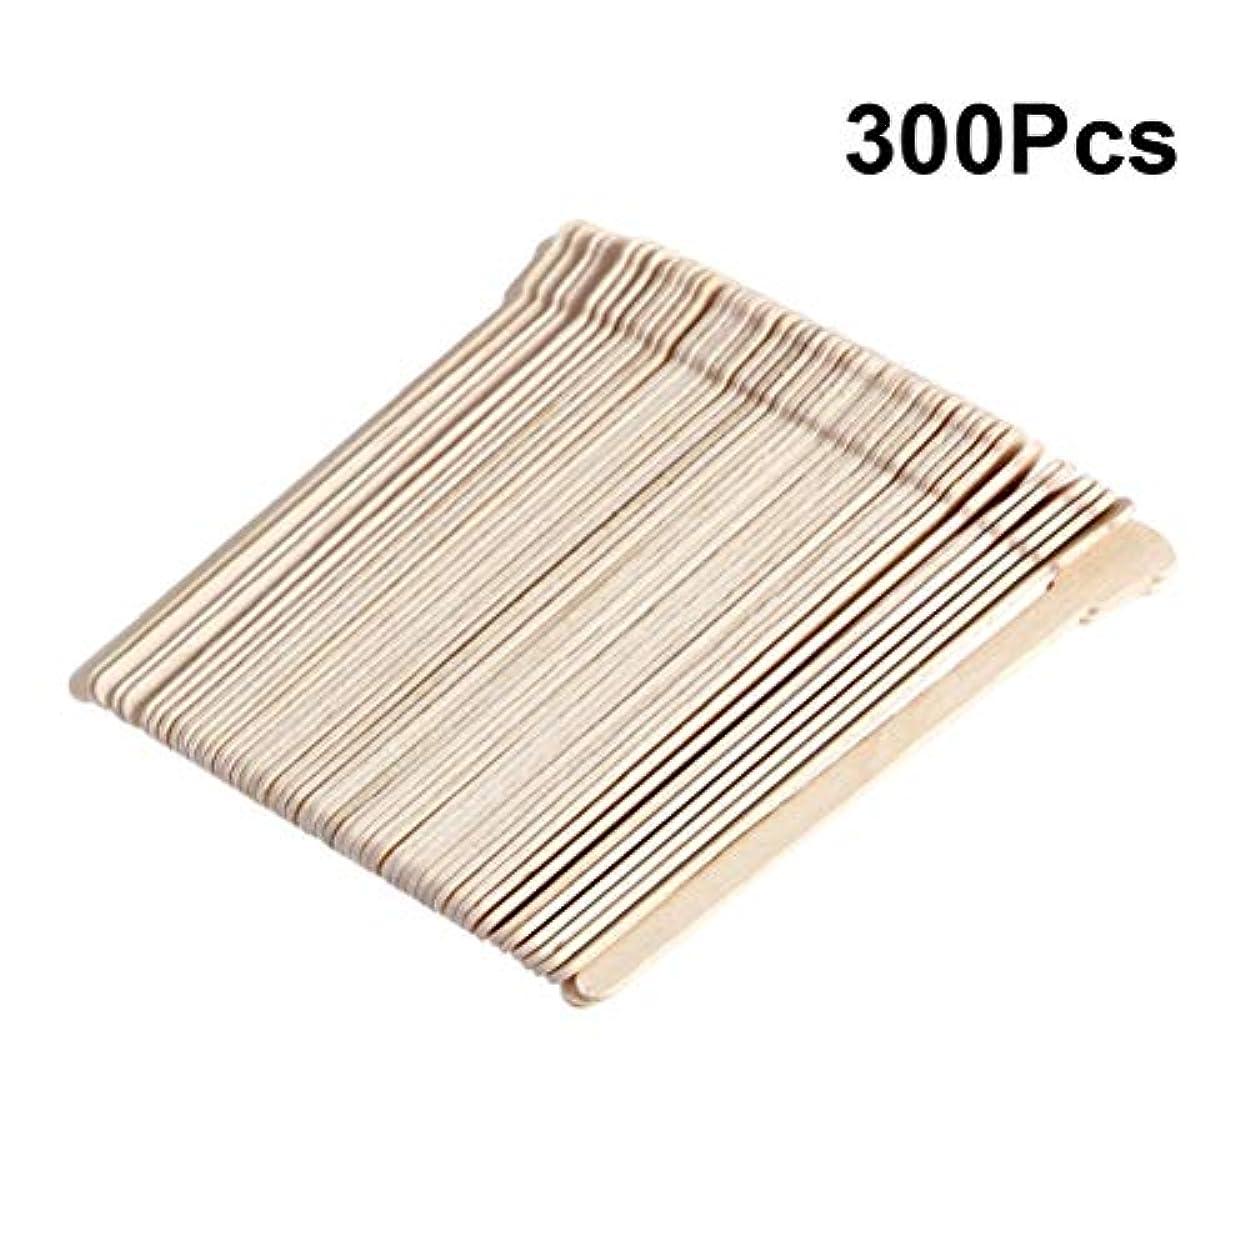 含意どこ引用SUPVOX 300ピース木製ワックススティックフェイス眉毛ワックスへら脱毛(オリジナル木製色)